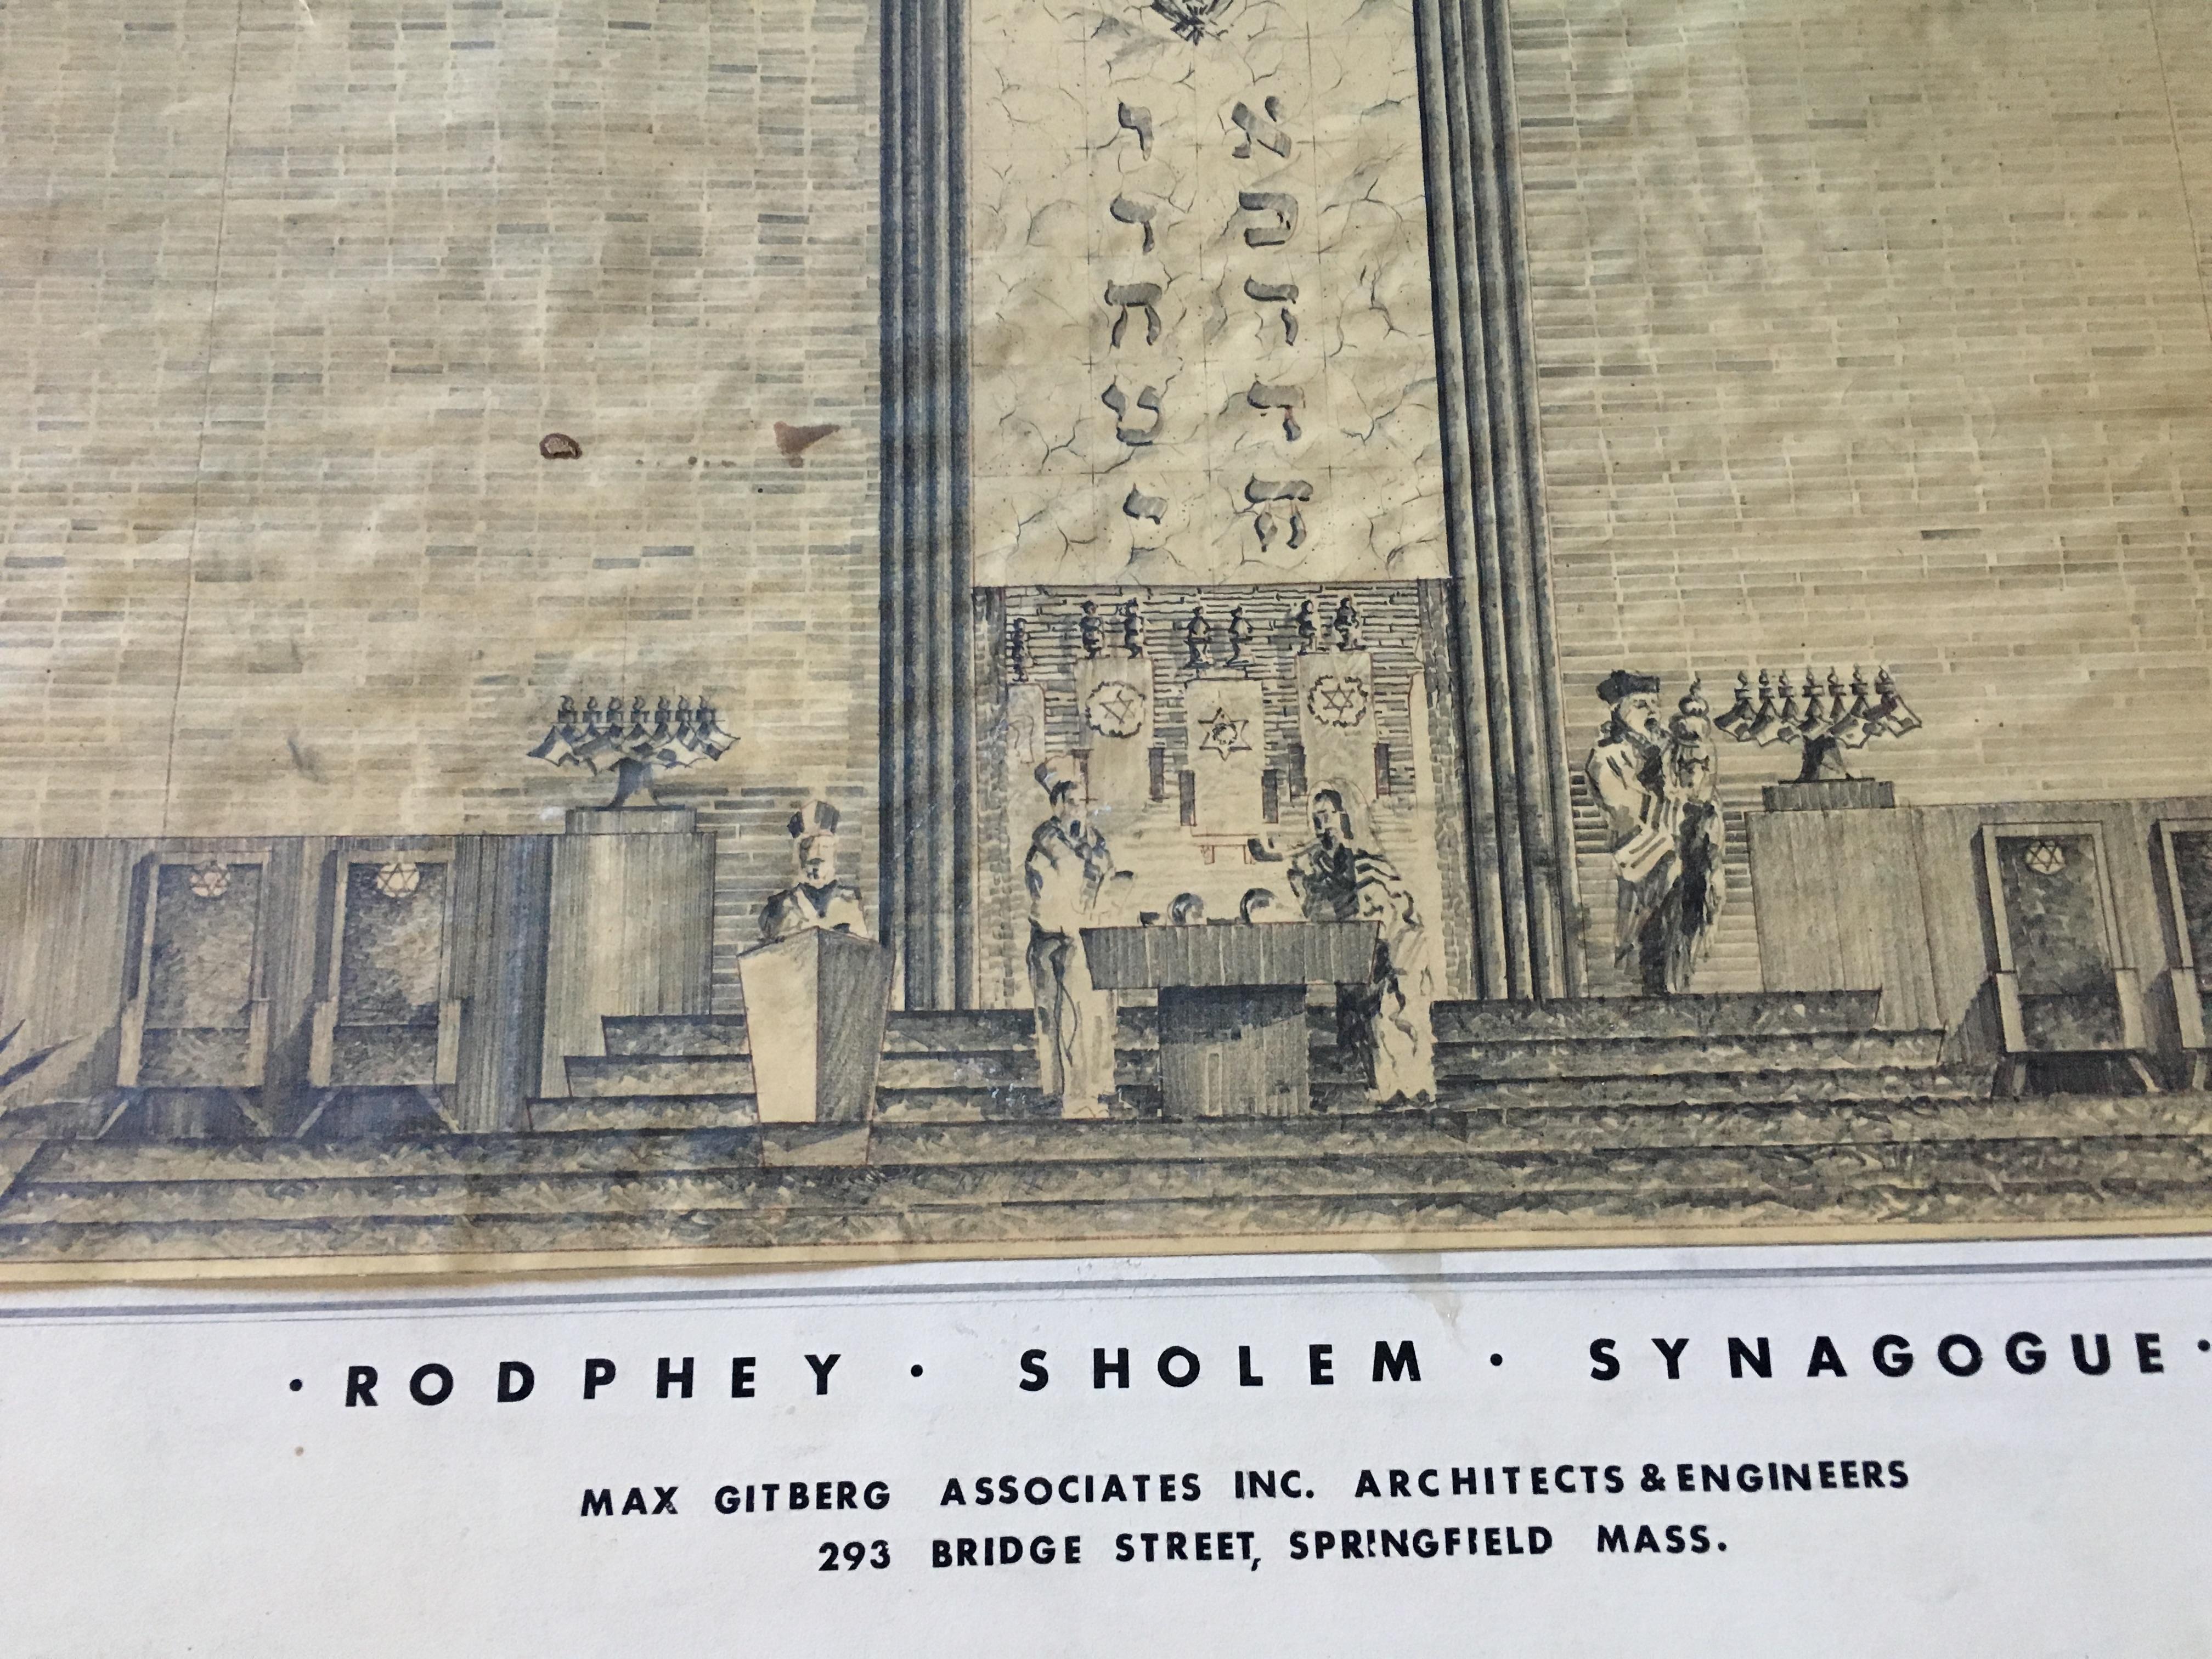 Rodphey-Sholem